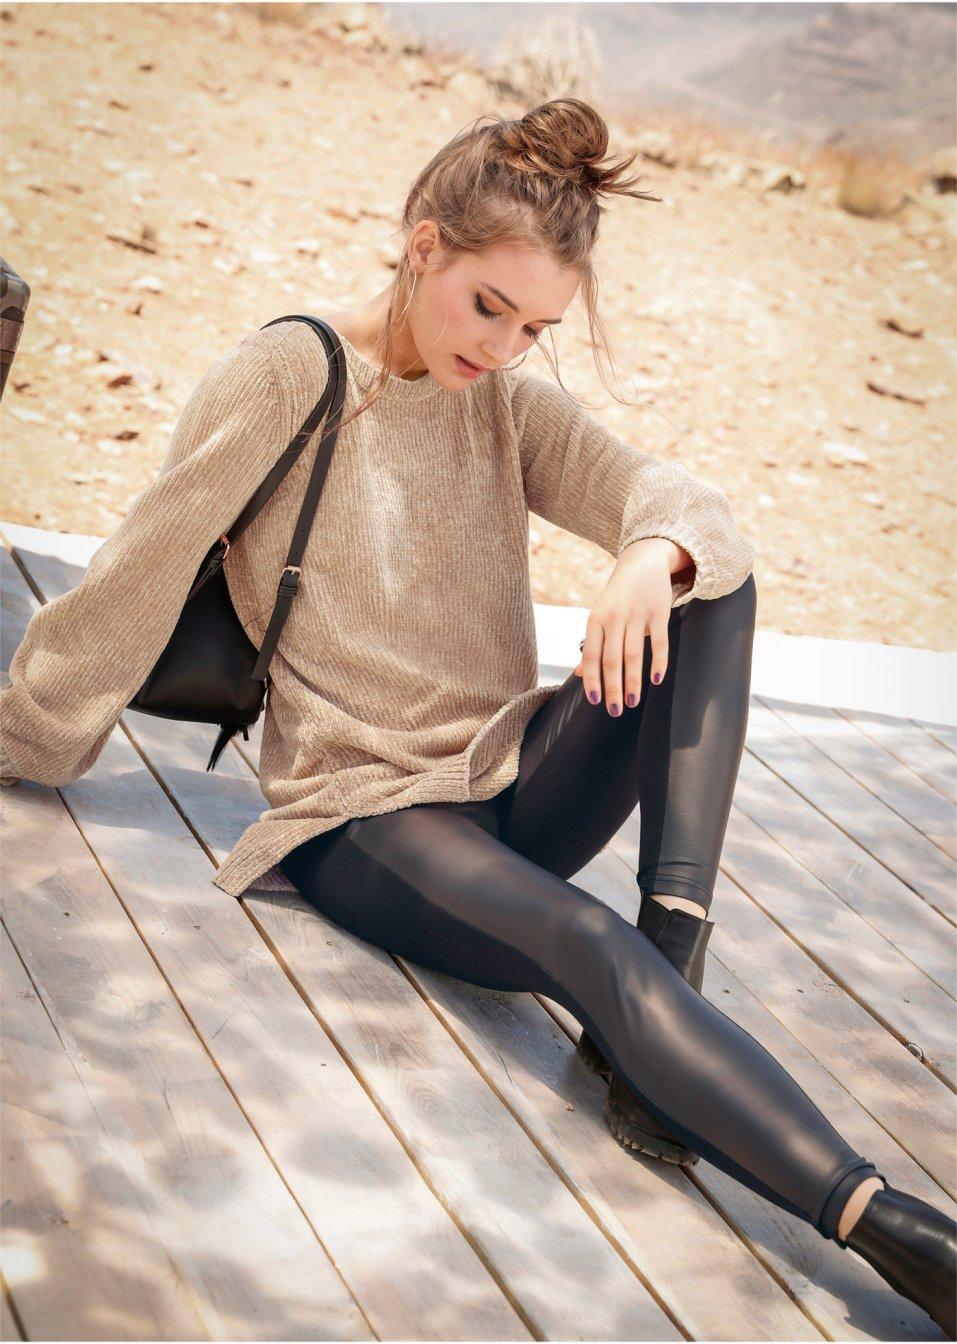 Legging en synthétique imitation cuir noir - Femme - RAINBOW - bonprix.fr 7d521401de8